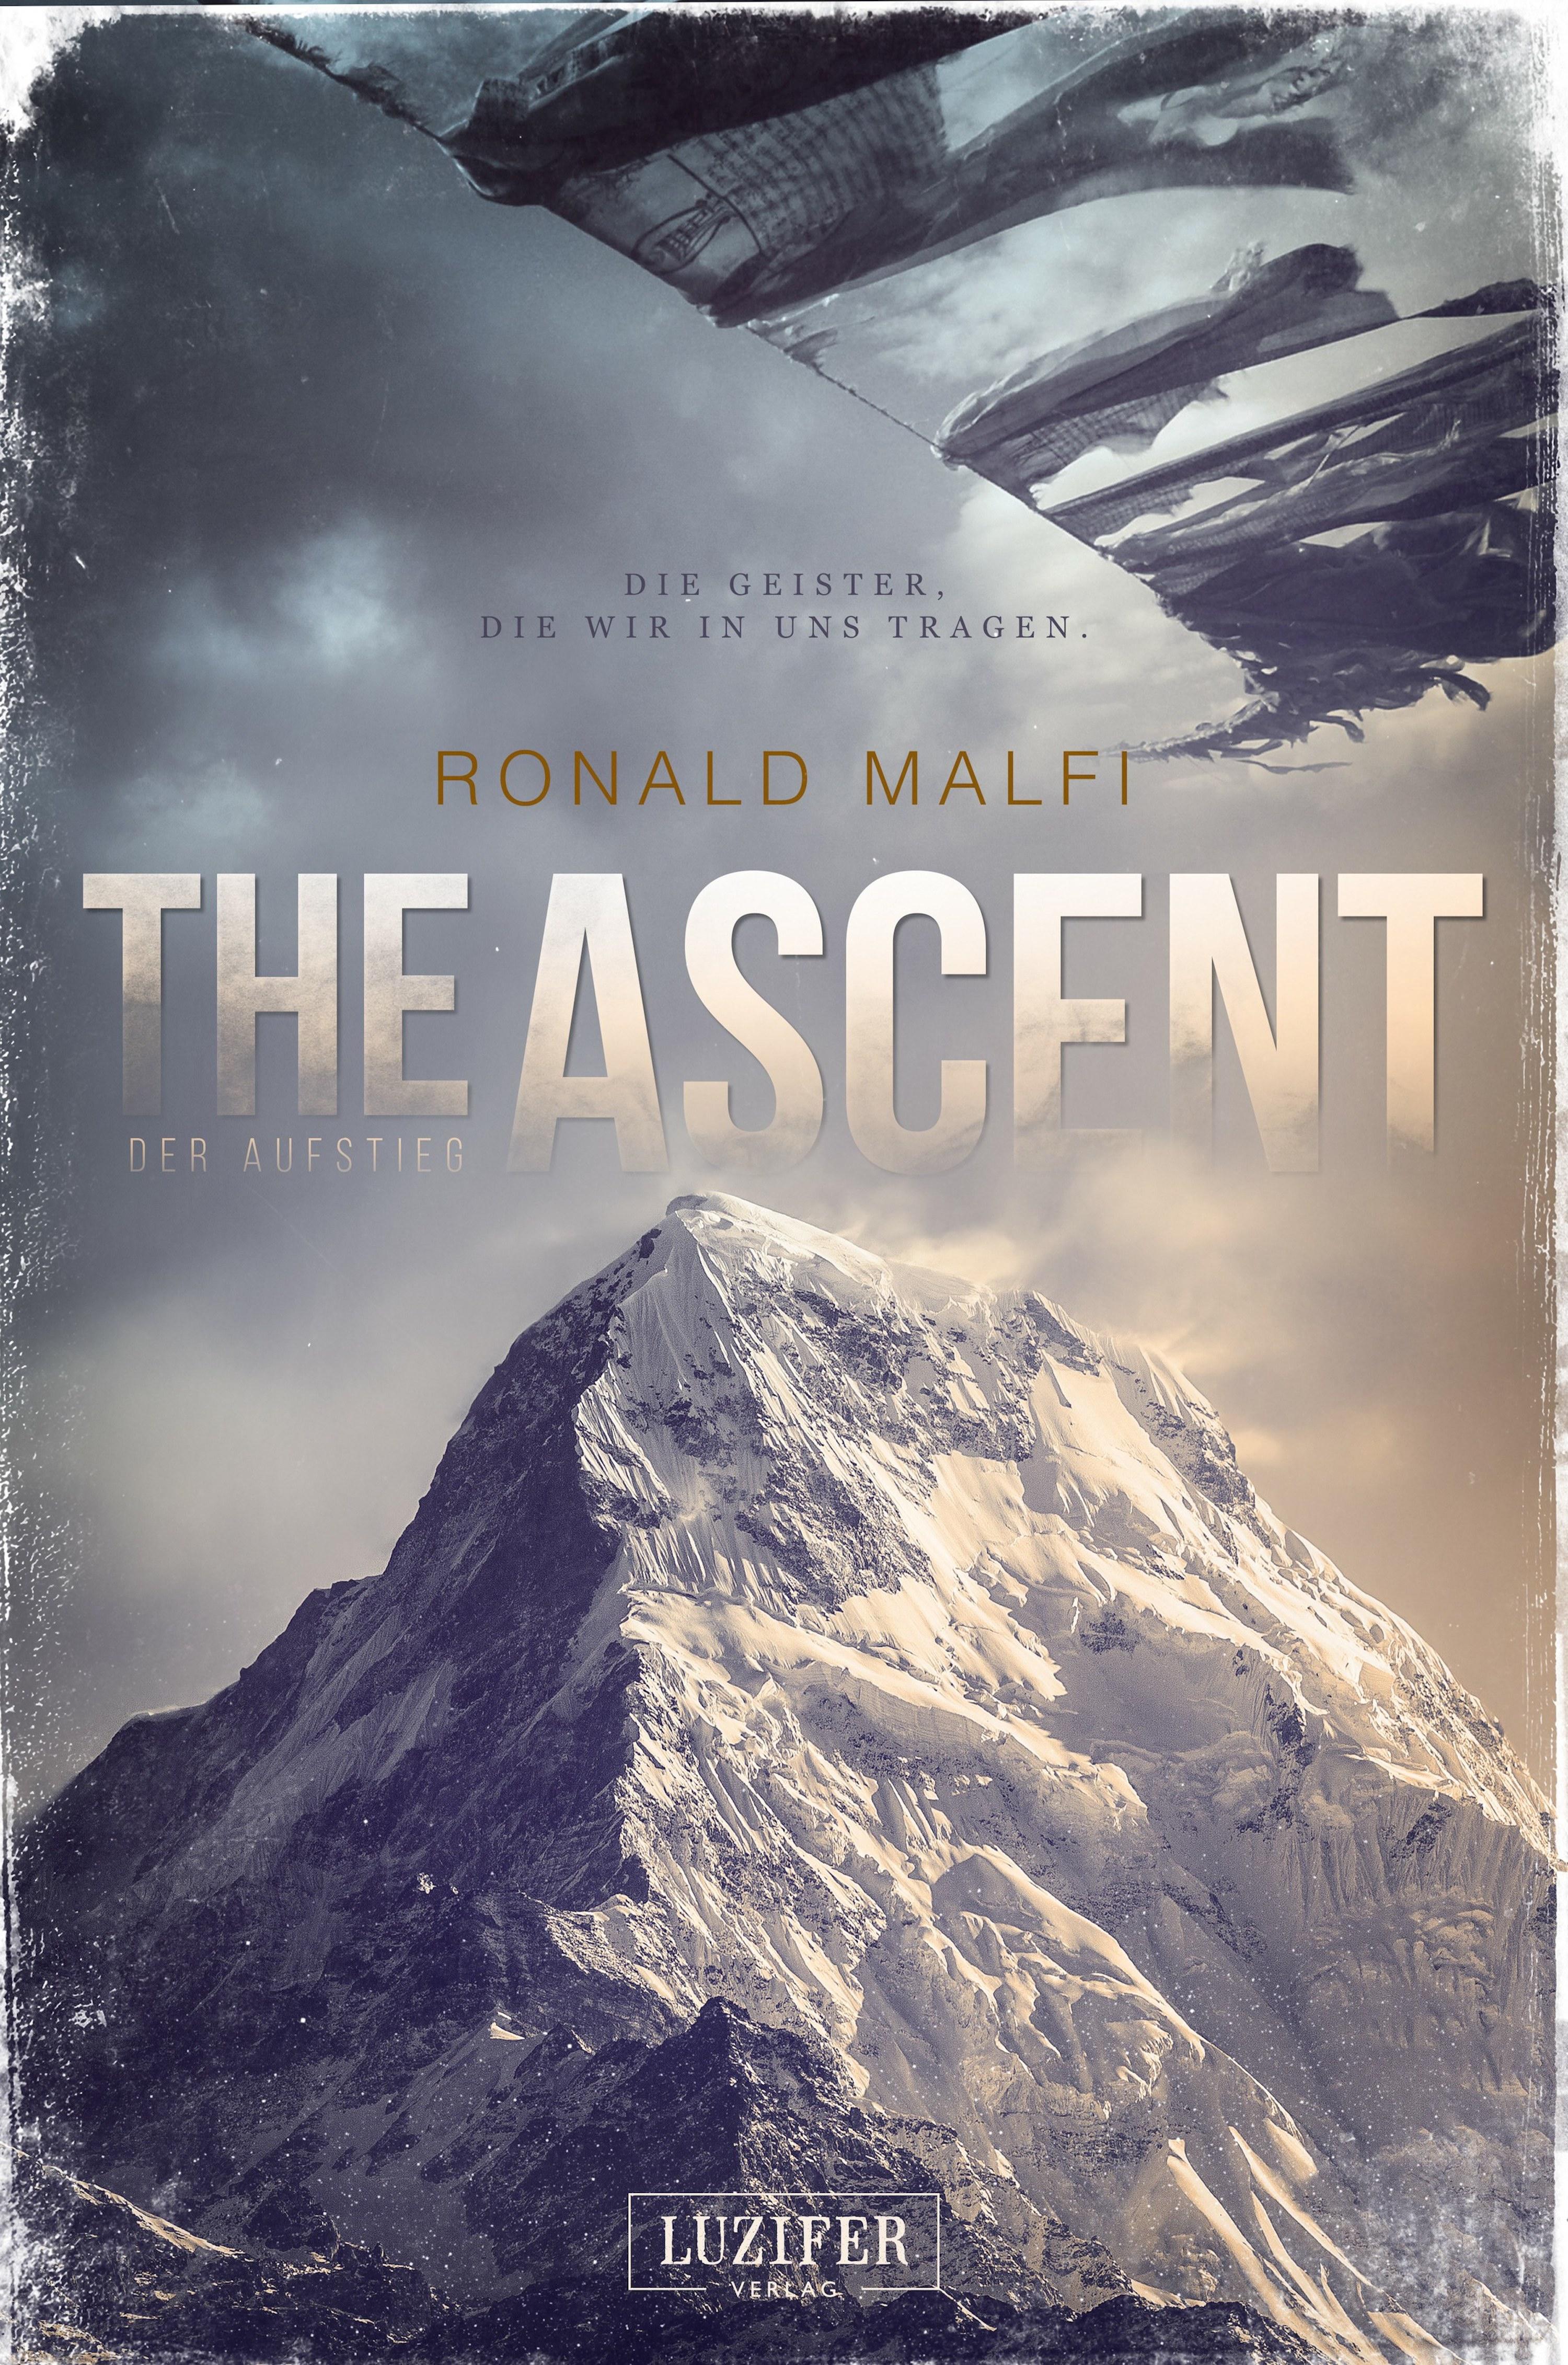 Ronald Malfi THE ASCENT - DER AUFSTIEG christie golden world of warcraft band 2 der aufstieg der horde